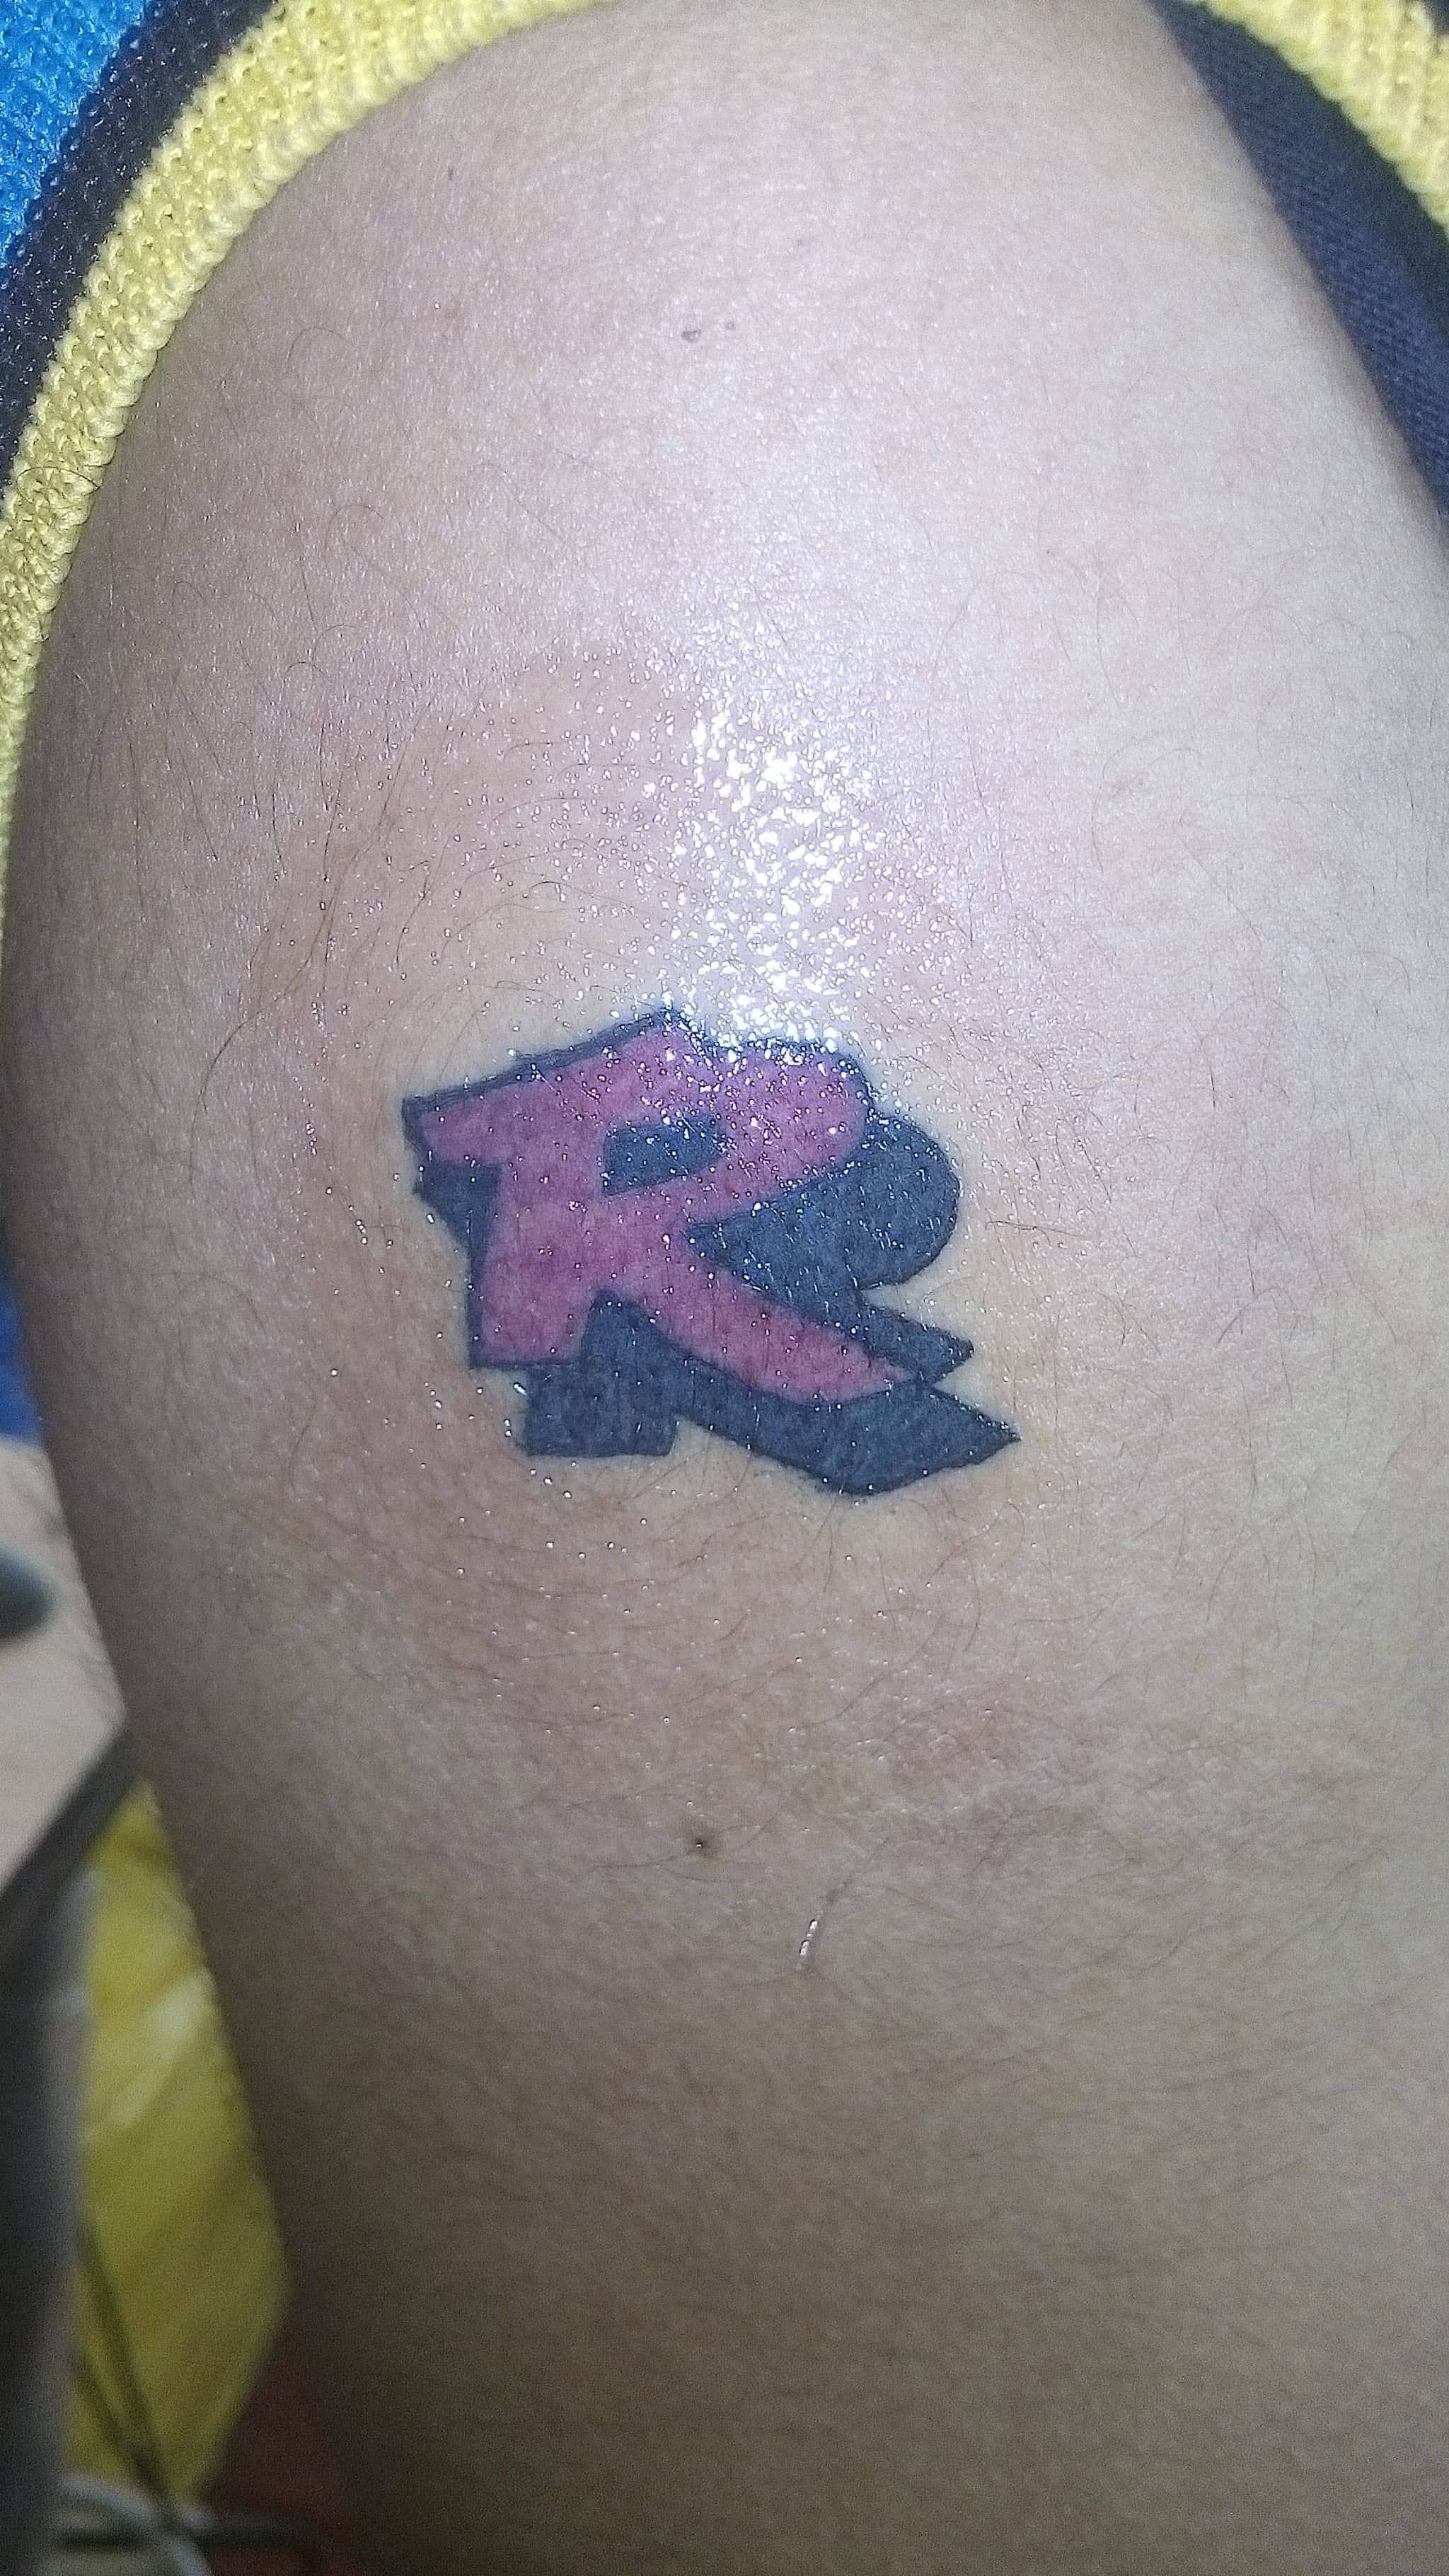 837e50f6e89b6 Hr Tattoos, Gangavathi - Tattoo Artists in Koppal - Justdial